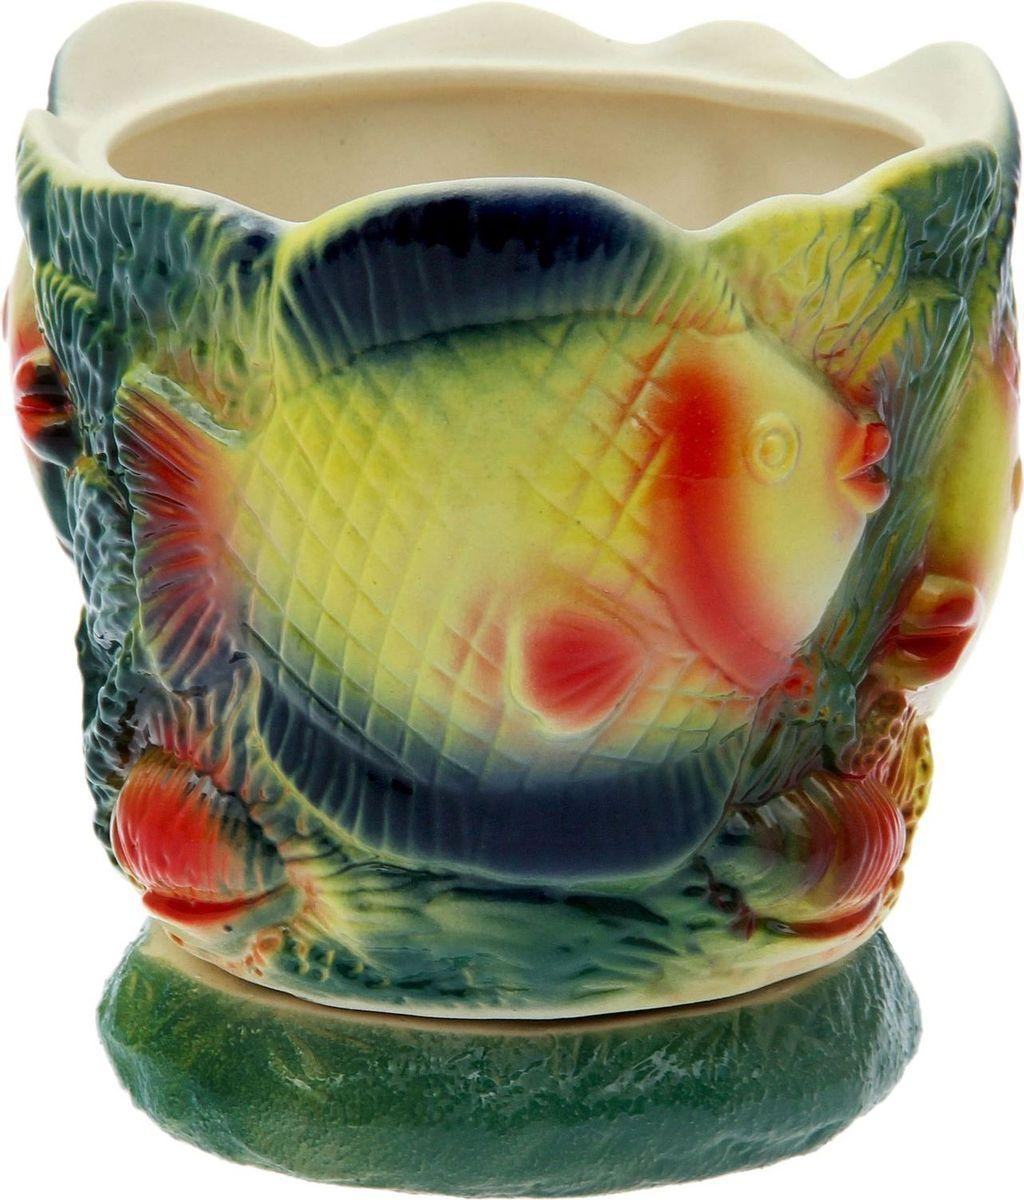 Кашпо Керамика ручной работы С рыбкой, 2 л1086201Комнатные растения — всеобщие любимцы. Они радуют глаз, насыщают помещение кислородом и украшают пространство. Каждому из растений необходим свой удобный и красивый дом. Поселите зелёного питомца в яркое и оригинальное фигурное кашпо. Выберите подходящую форму для детской, спальни, гостиной, балкона, офиса или террасы. #name# позаботится о растении, украсит окружающее пространство и подчеркнёт его оригинальный стиль.